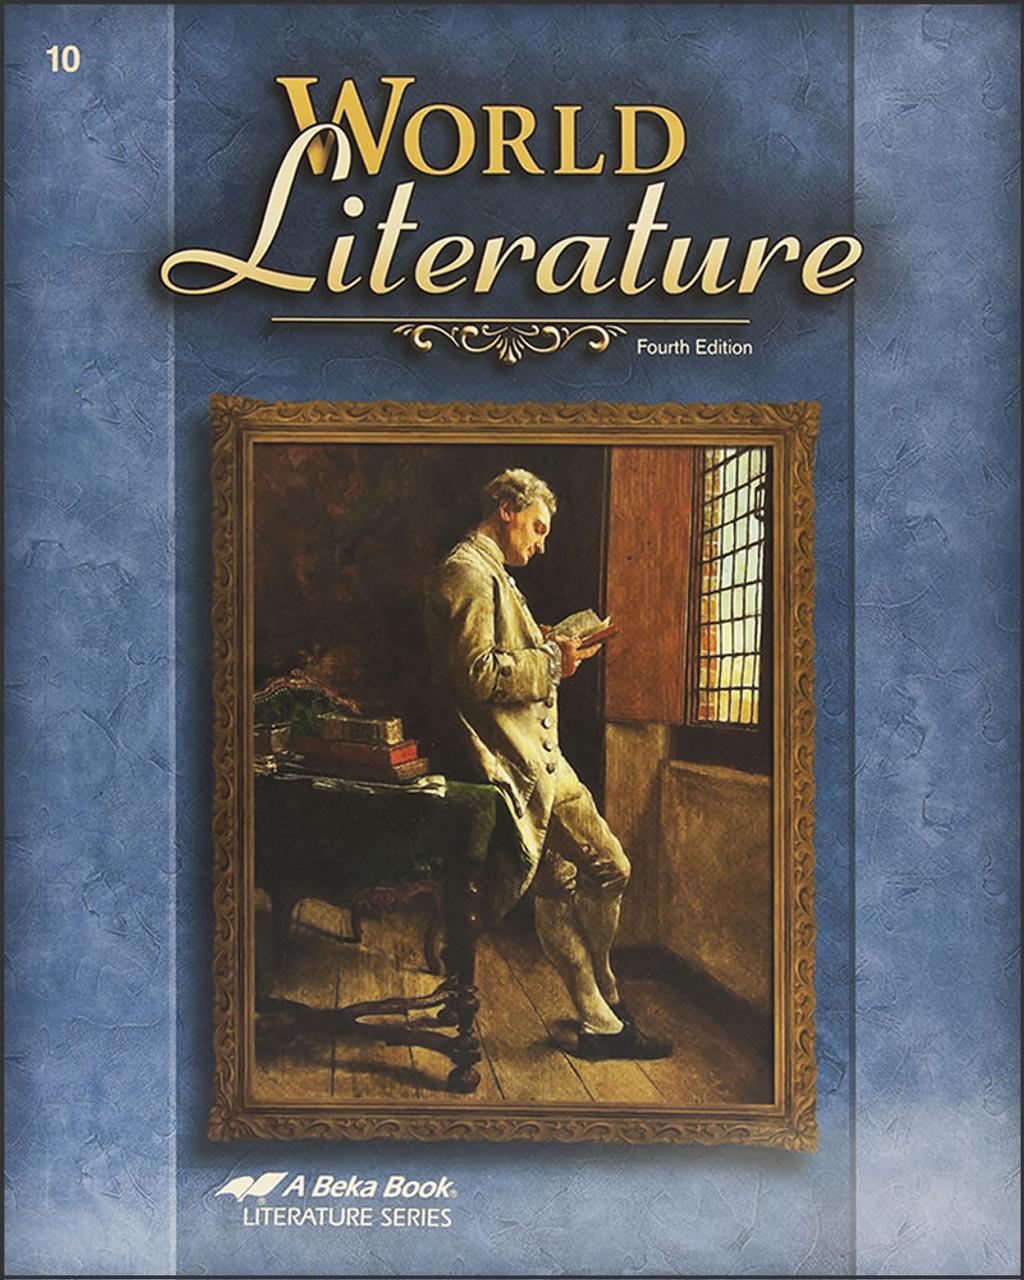 World Literature, 4th edition (first half)